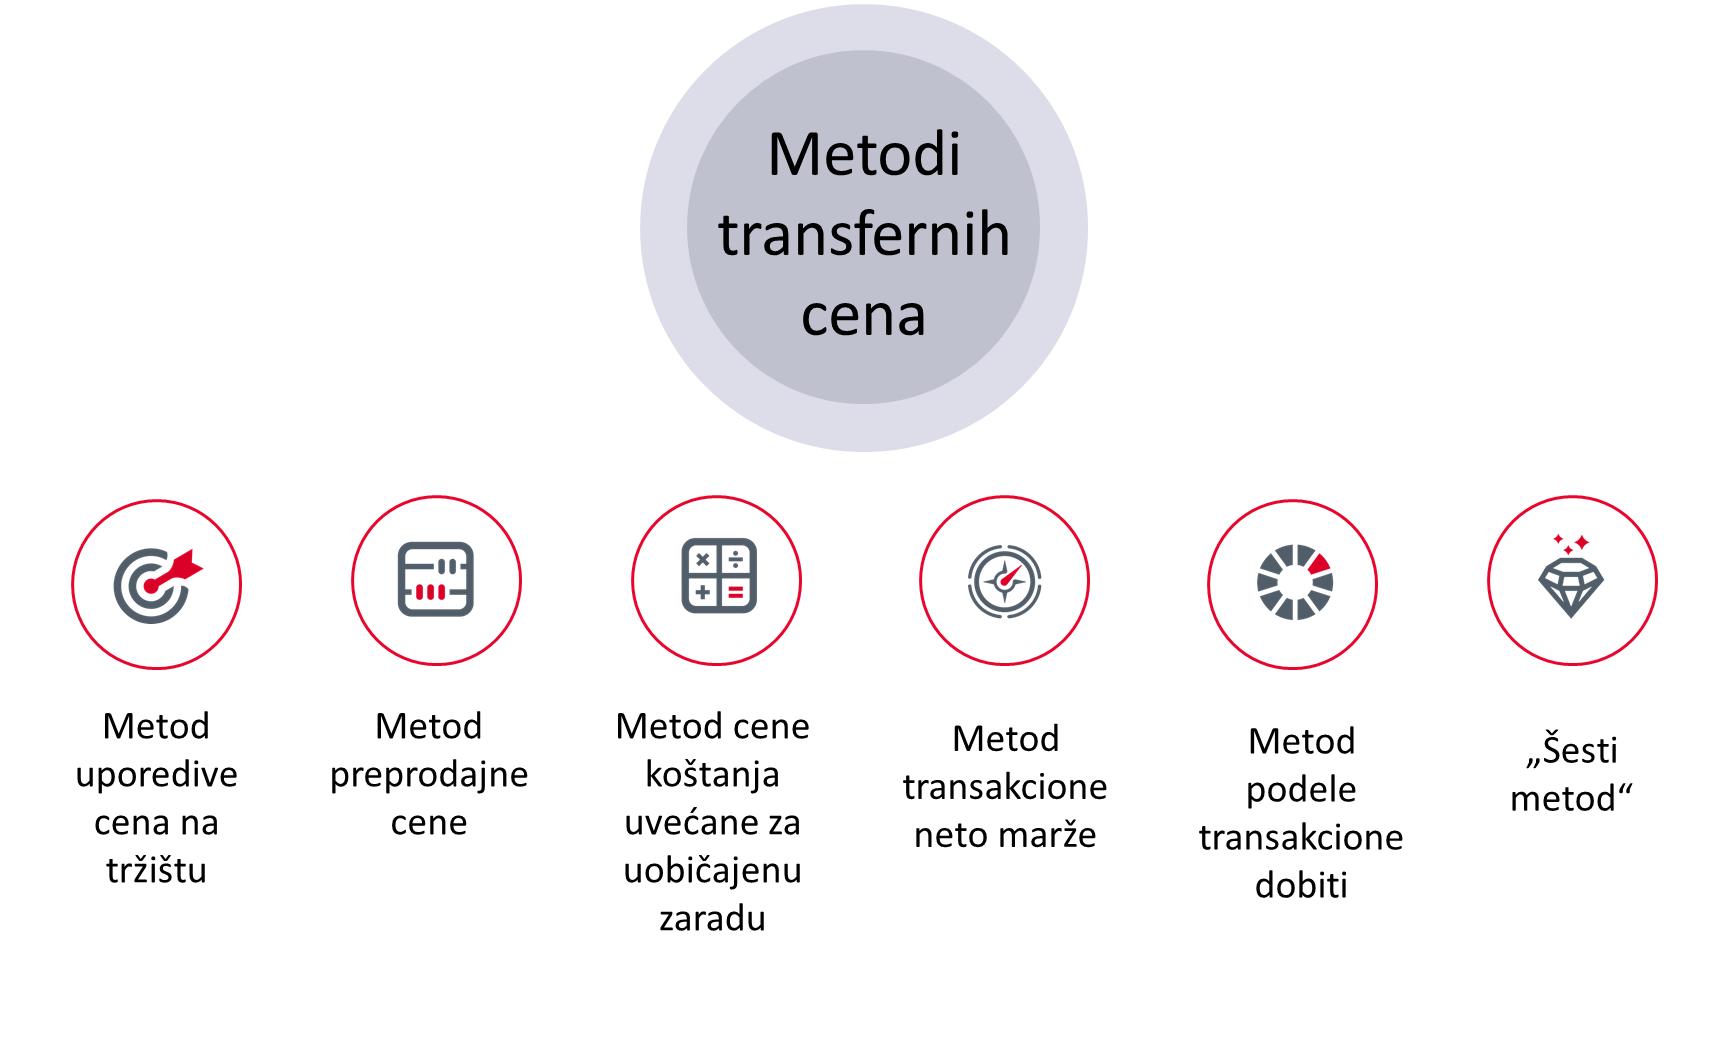 metodi transfernih cena